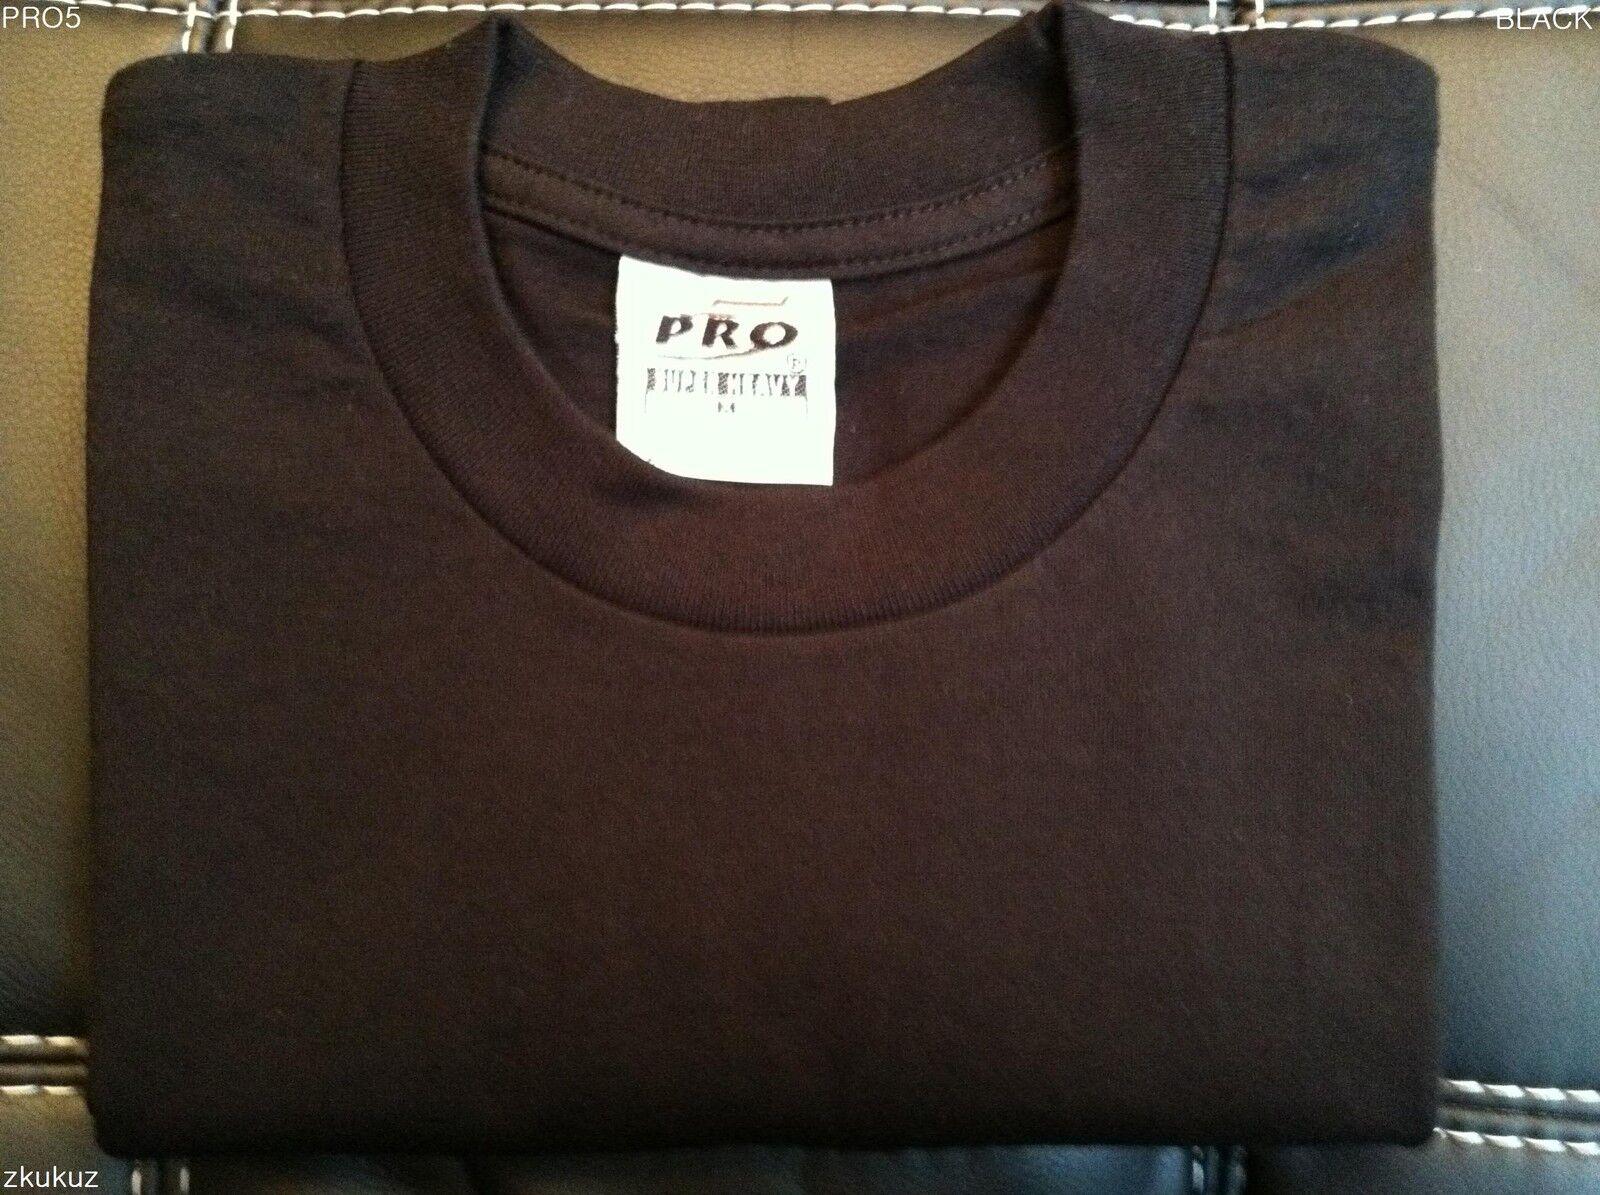 6 Nuevo Pro  5 PRO5 CAMISETA súper PESADO NEGRO TEE LLANO blancoO 2X-Grande 2XL 6PC  mejor moda